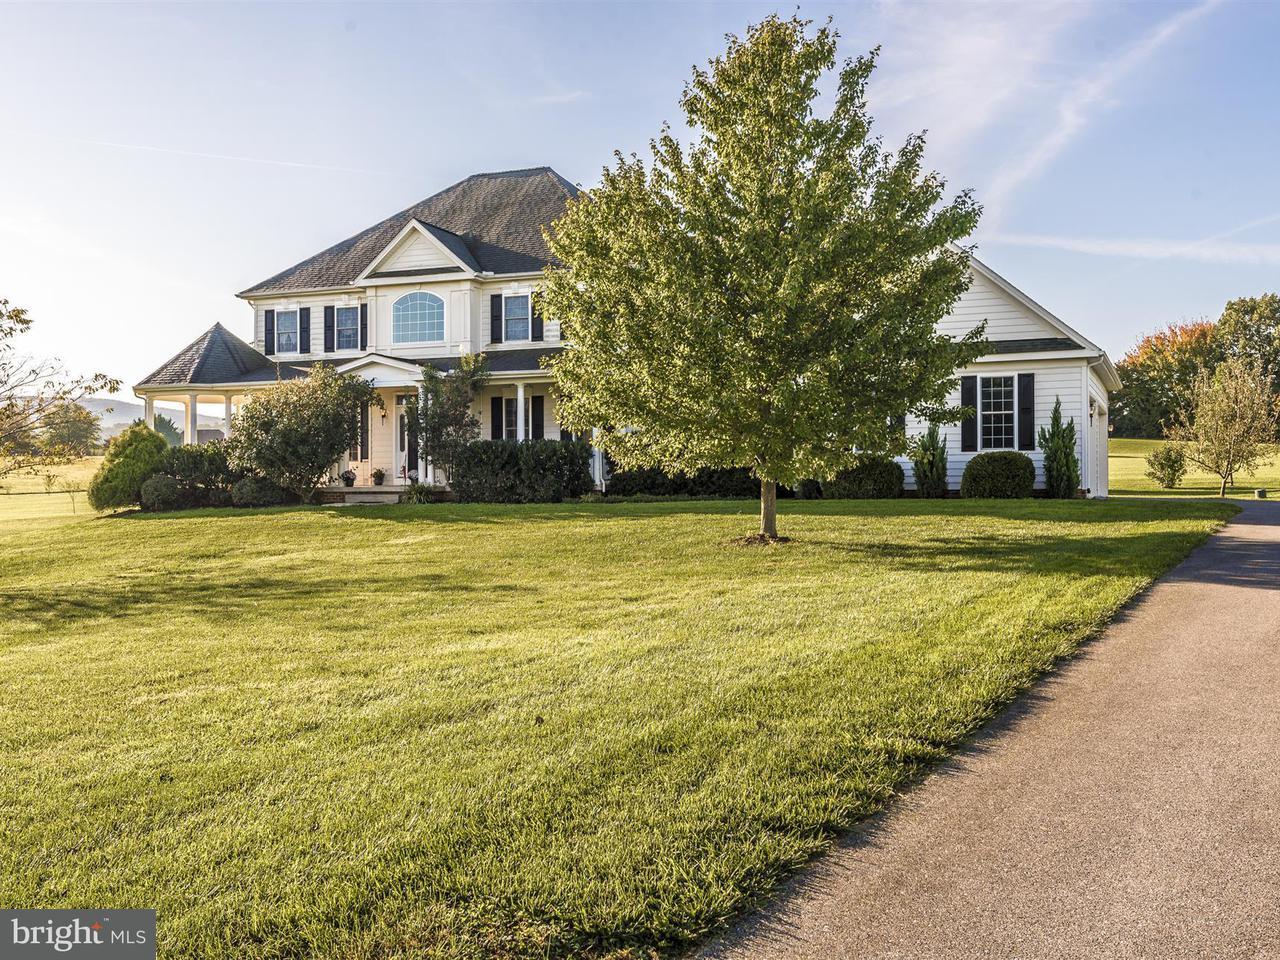 Частный односемейный дом для того Продажа на 20111 W Stone Court 20111 W Stone Court Keedysville, Мэриленд 21756 Соединенные Штаты